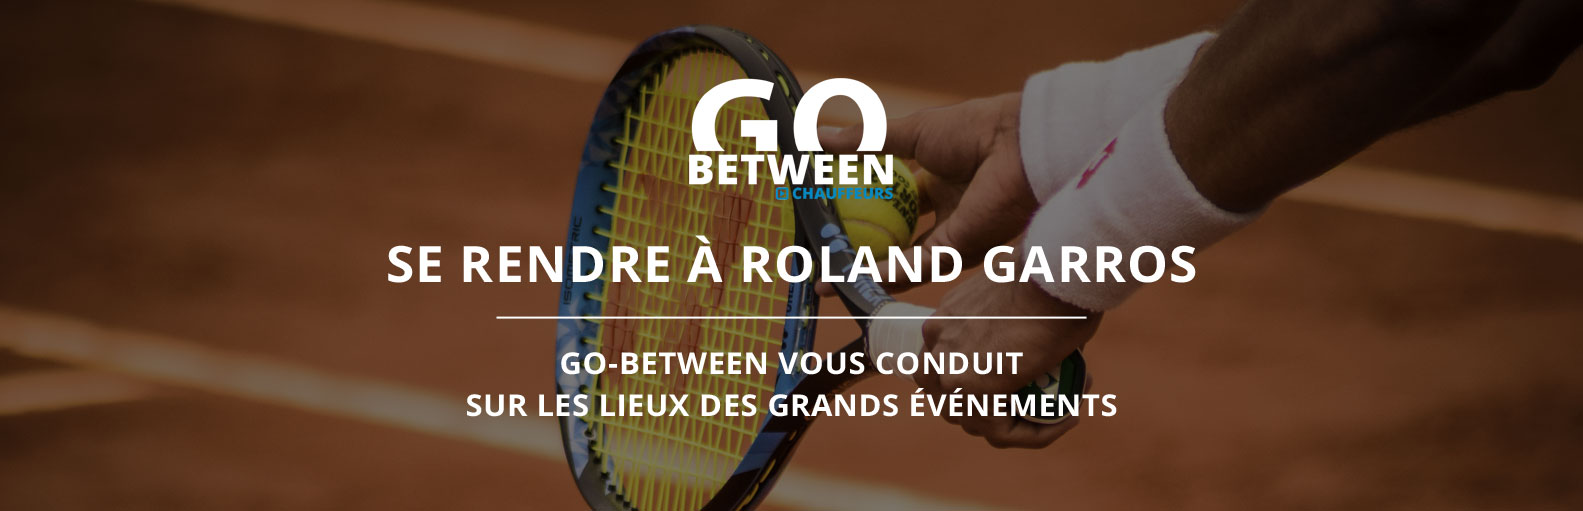 Se rendre à Roland Garros